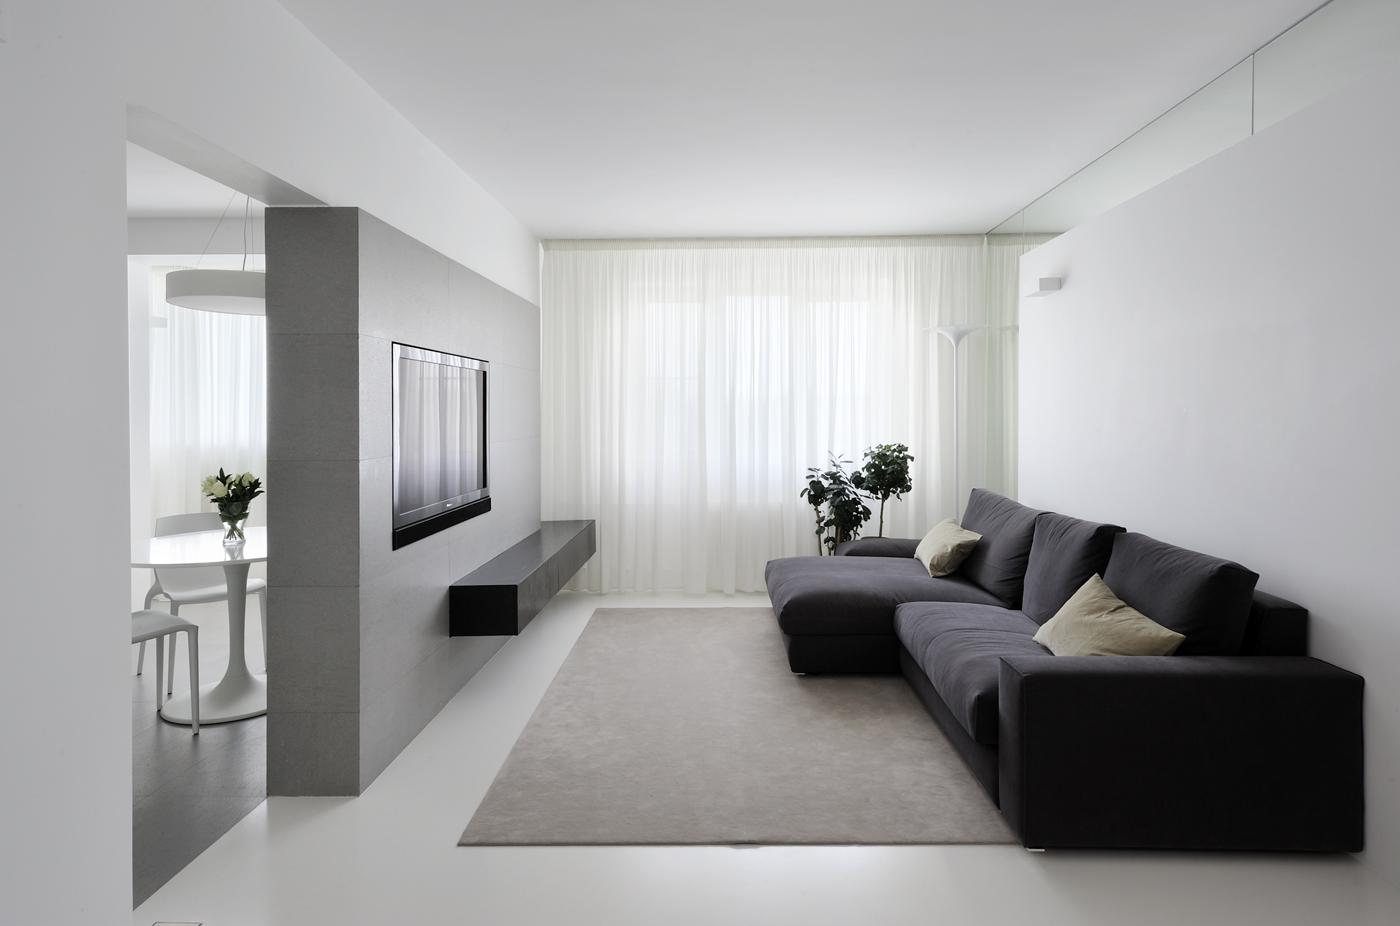 Черный диван в белой гостиной в стиле минимализм